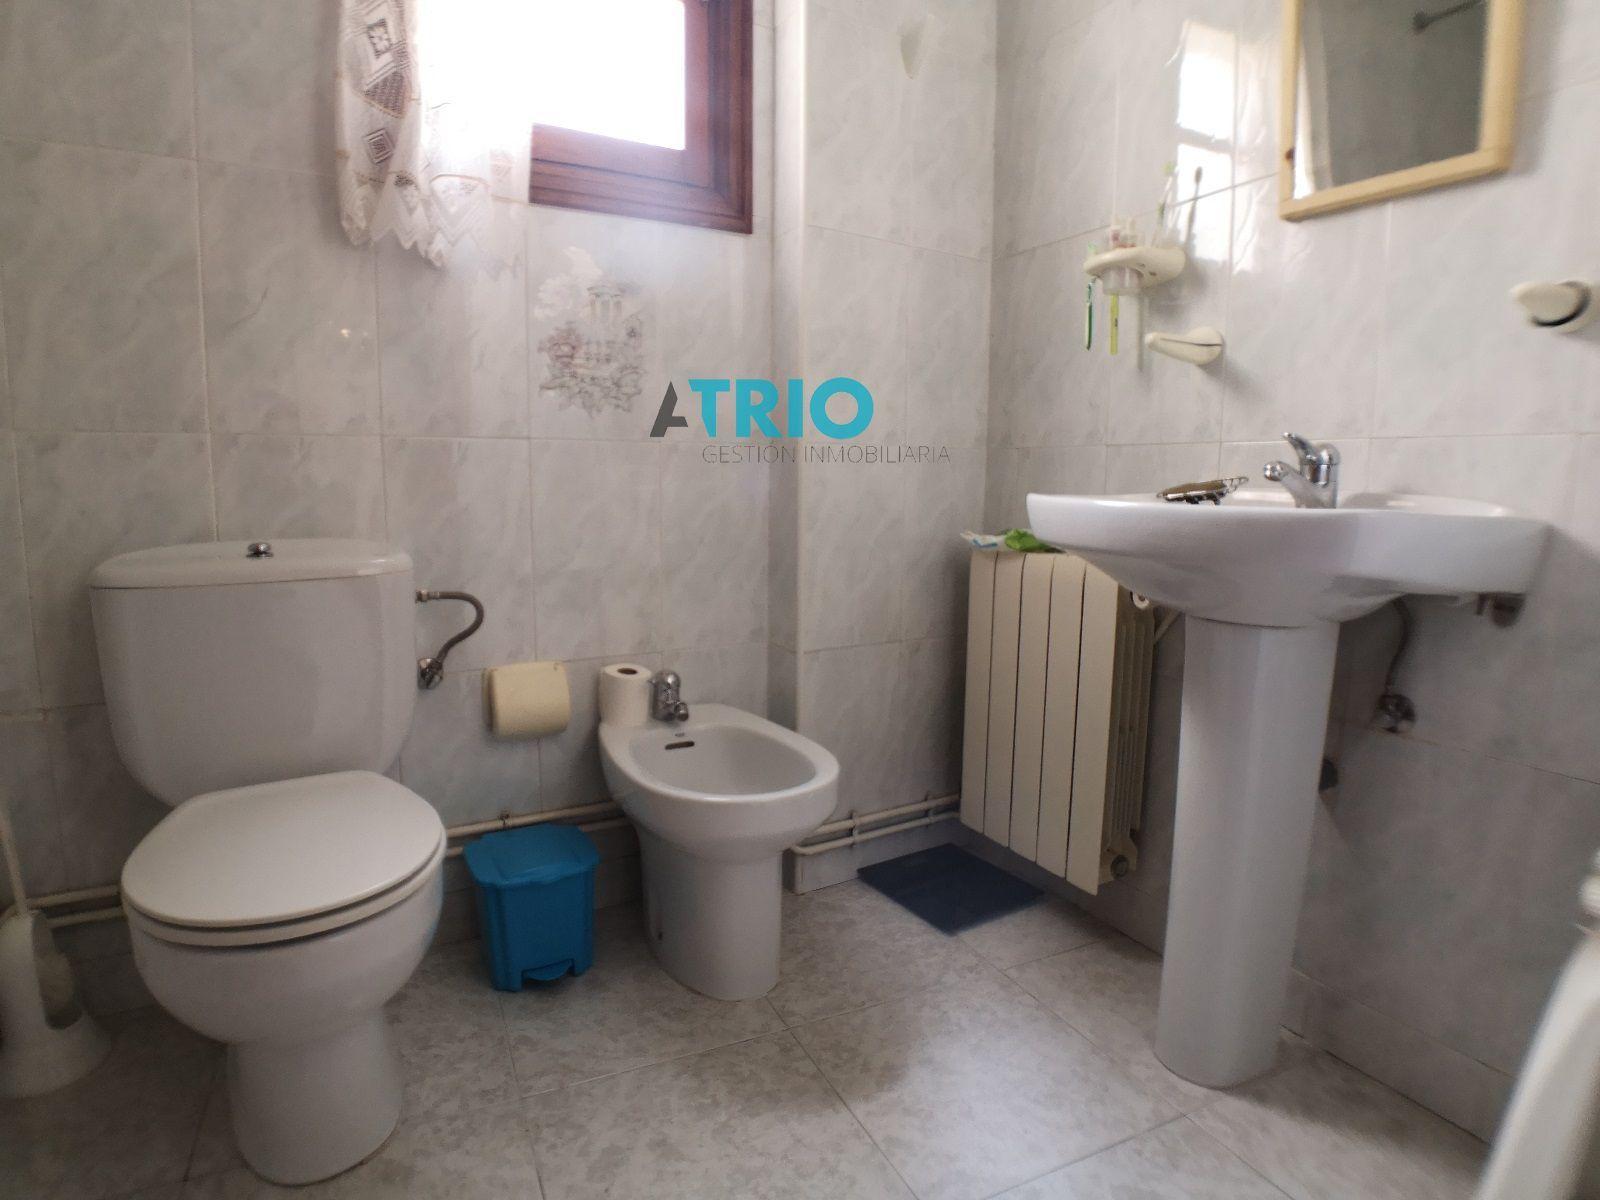 dia.mobiliagestion.es/Portals/inmoatrio/Images/7066/5406527